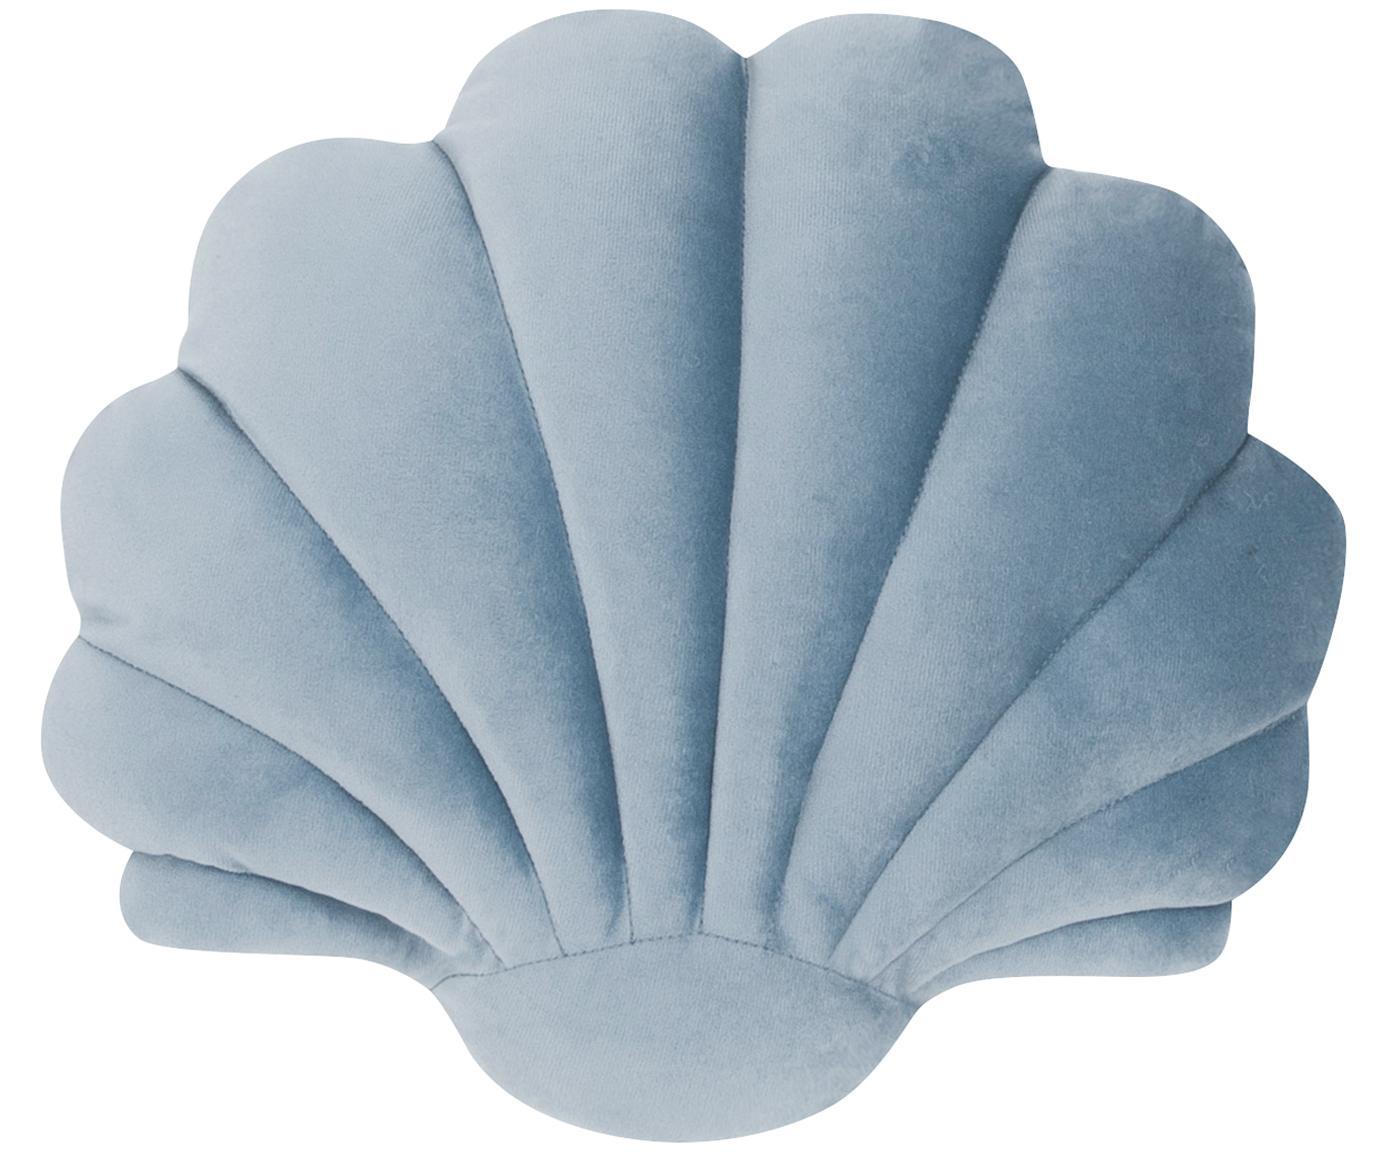 Cuscino Shell, Retro: 100% cotone, Azzurro, Larg. 28 x Lung. 30 cm